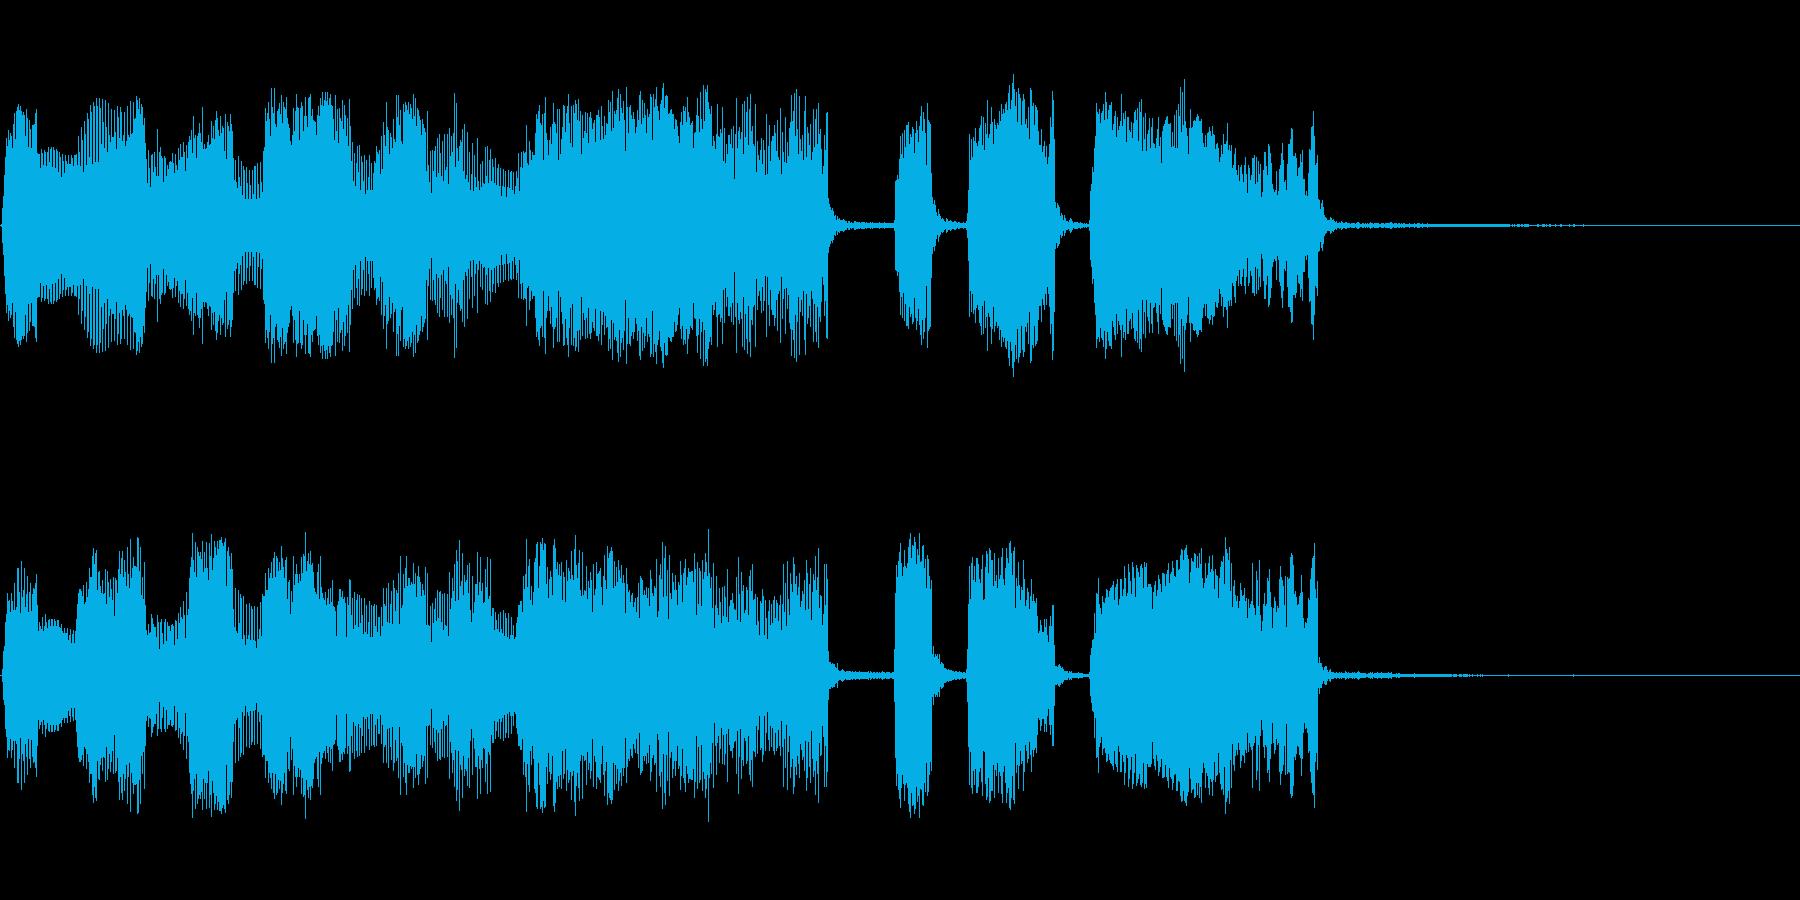 【パステルカラー3】の再生済みの波形